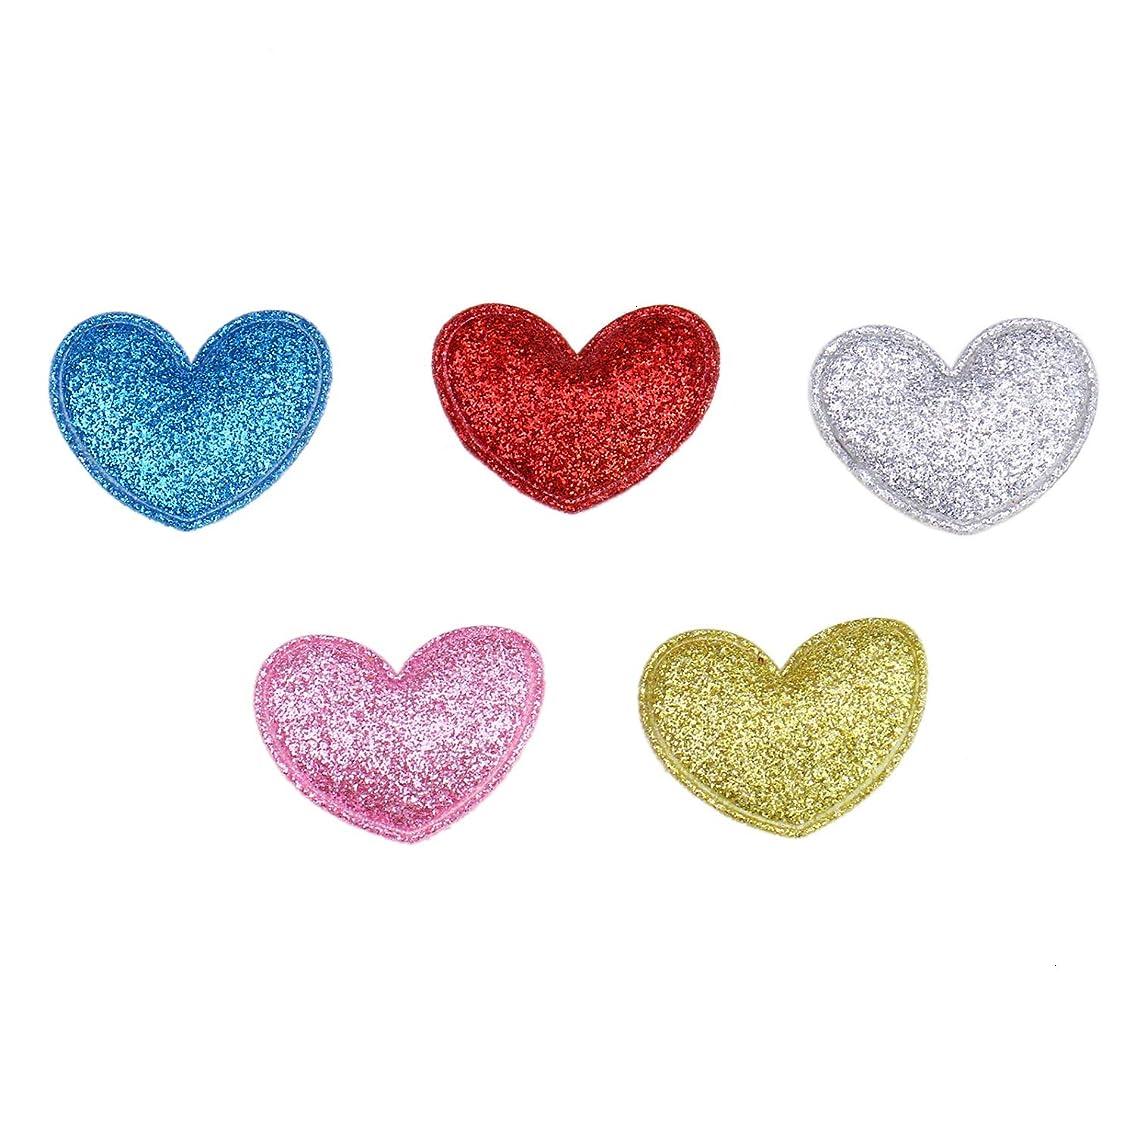 Monrocco 100Pcs Glitter Heart Appliques Patches, Heart Patches Iron On Heart Appliques for Clothes Jackets Hats - 5 Colors